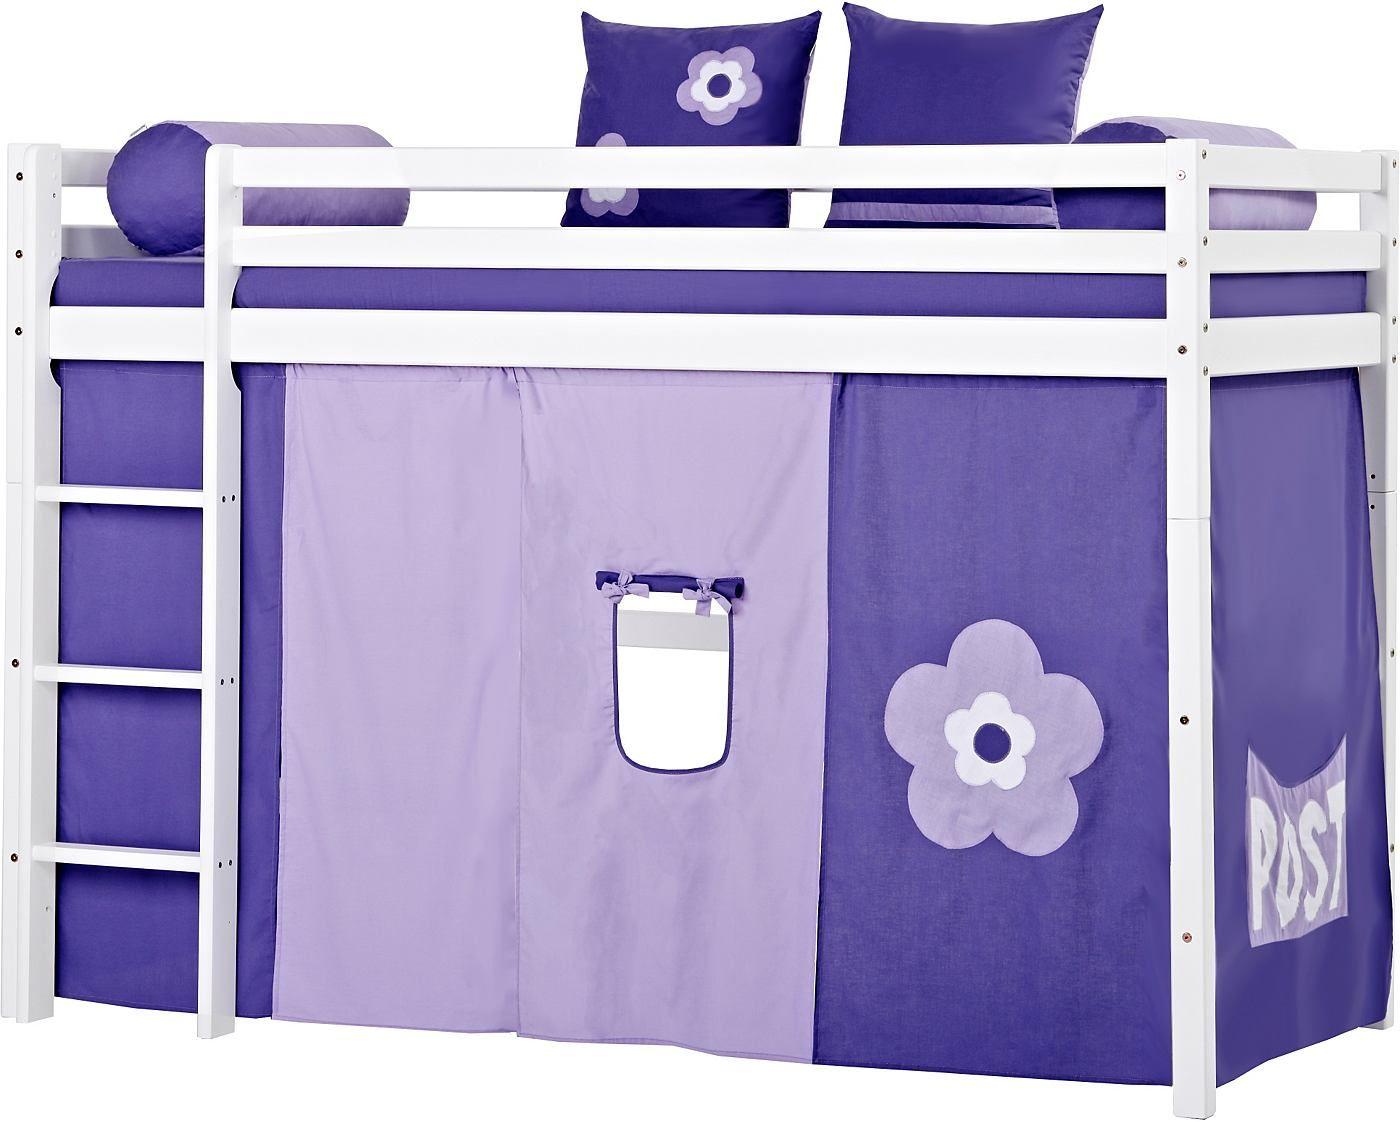 die besten 25 leiter f r hochbett ideen auf pinterest etagenbett mit treppe unter treppen. Black Bedroom Furniture Sets. Home Design Ideas